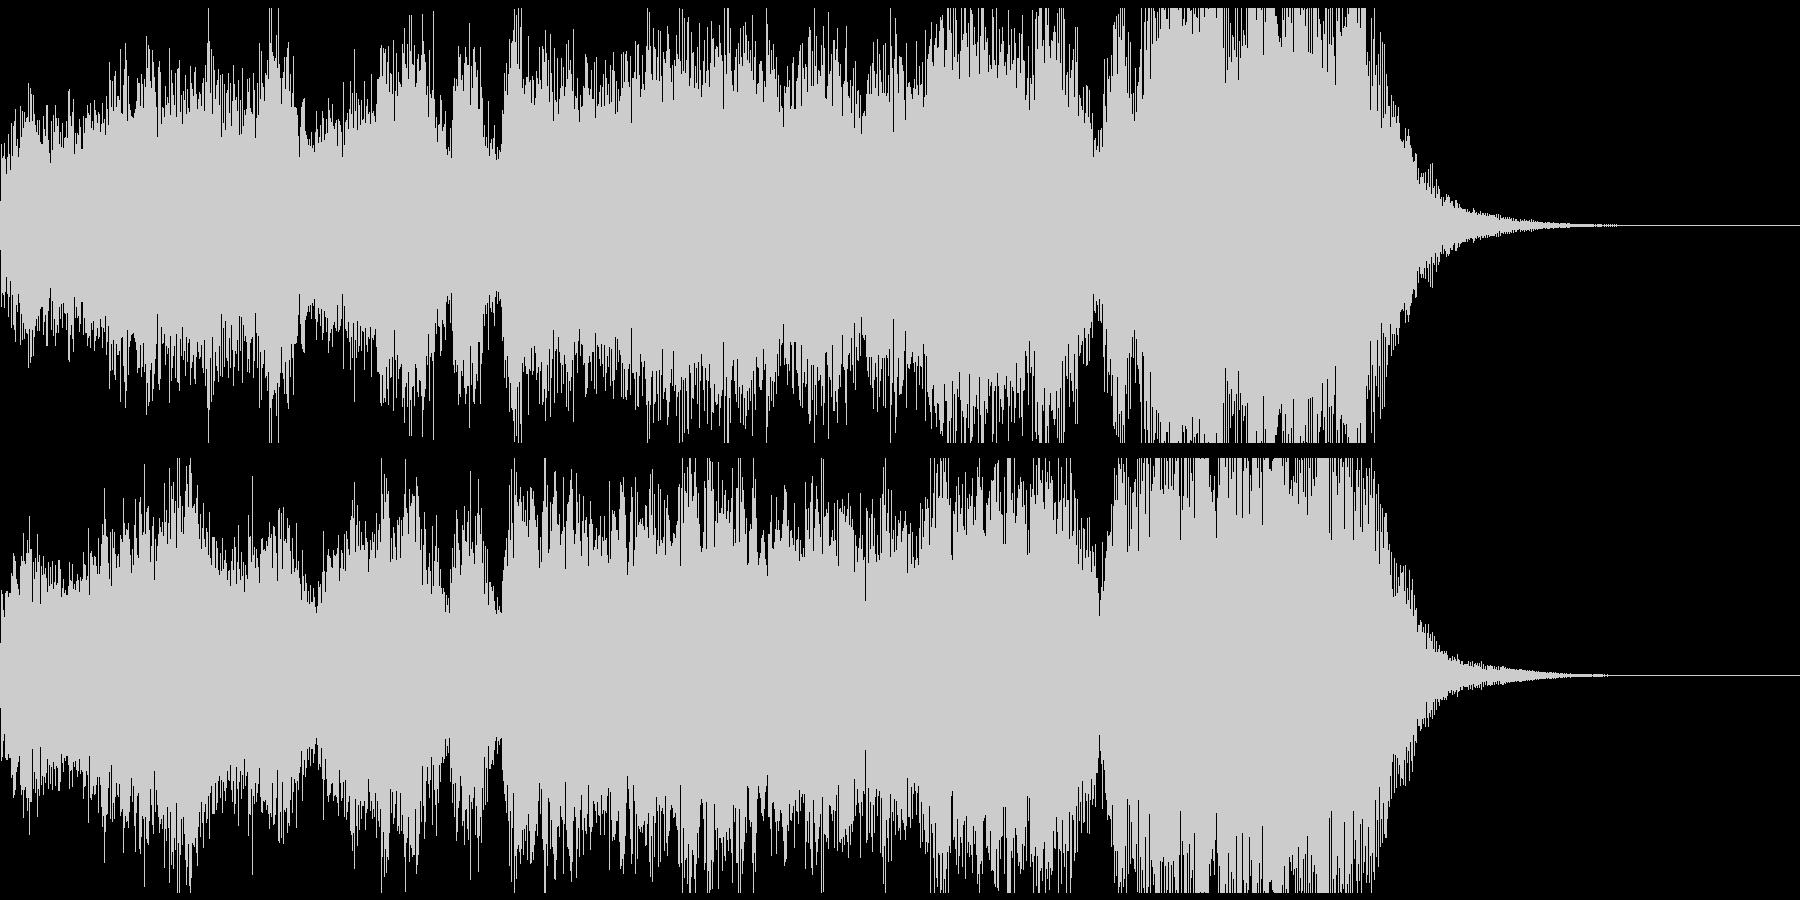 明るく華やかなフルオーケストラジングルの未再生の波形